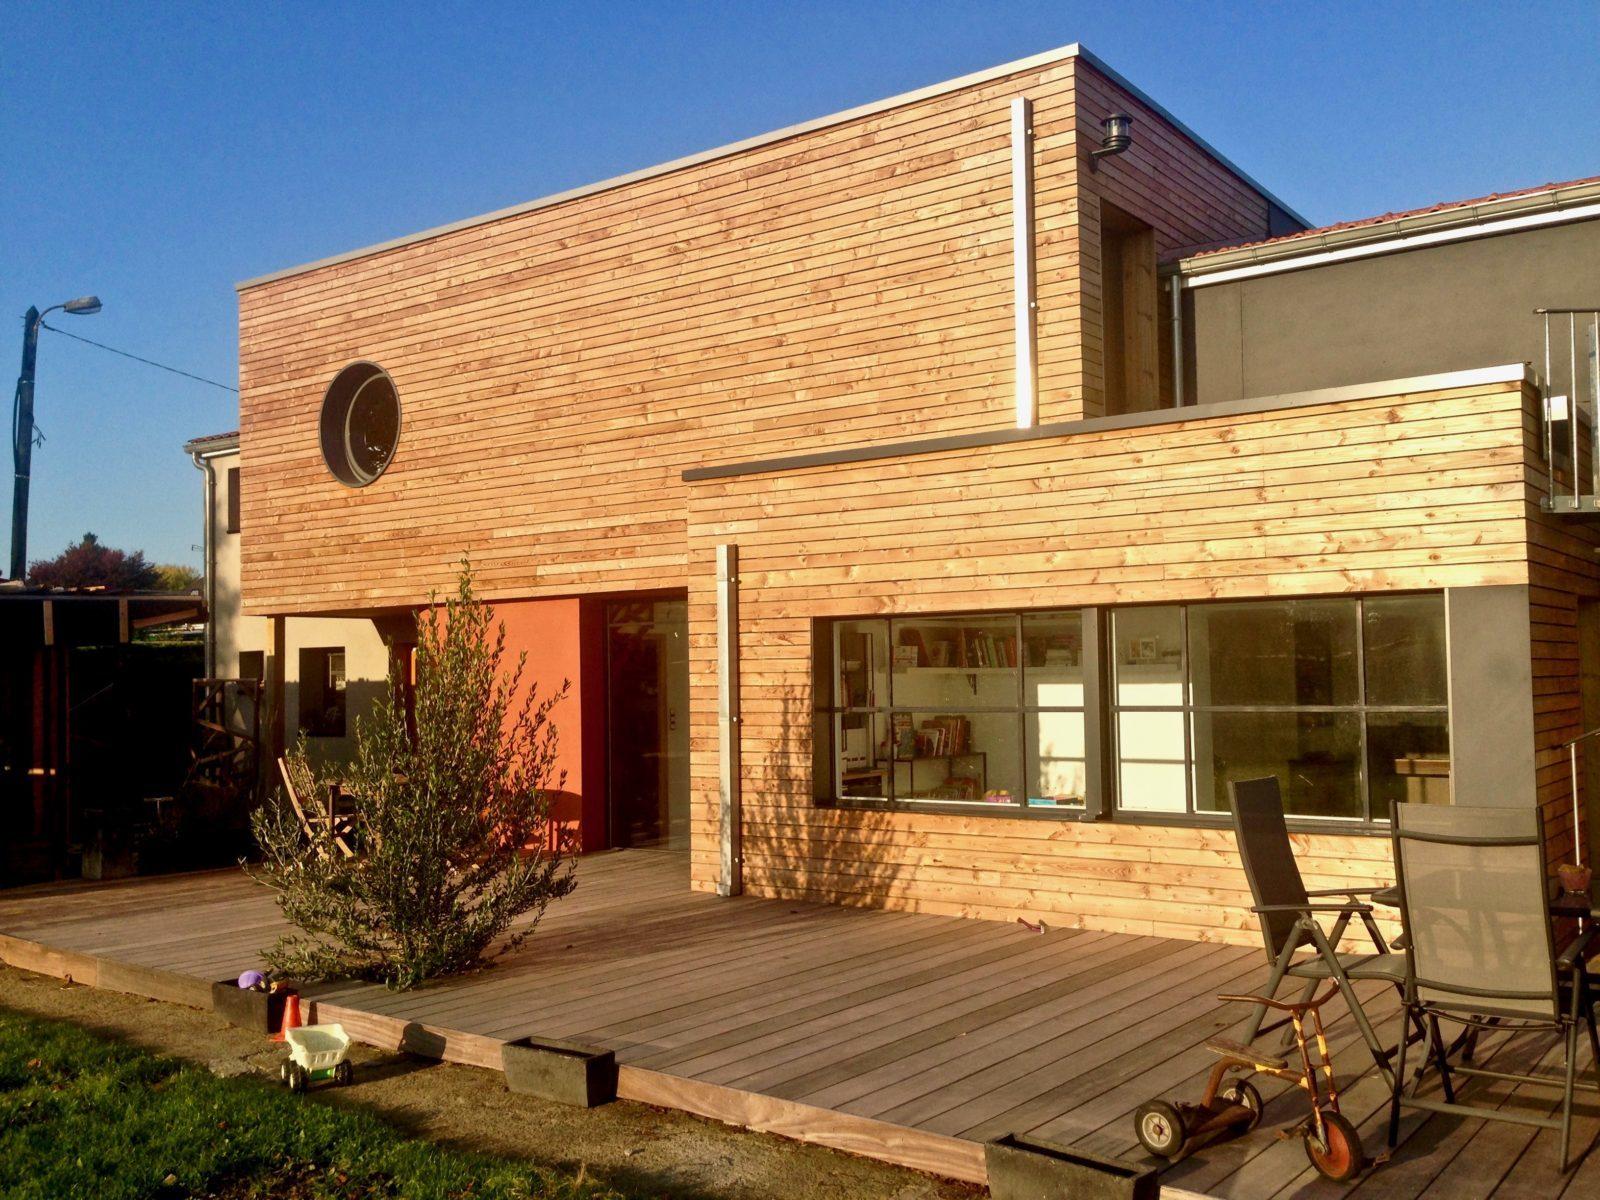 Les avantages d'une extension en bois avec toit plat